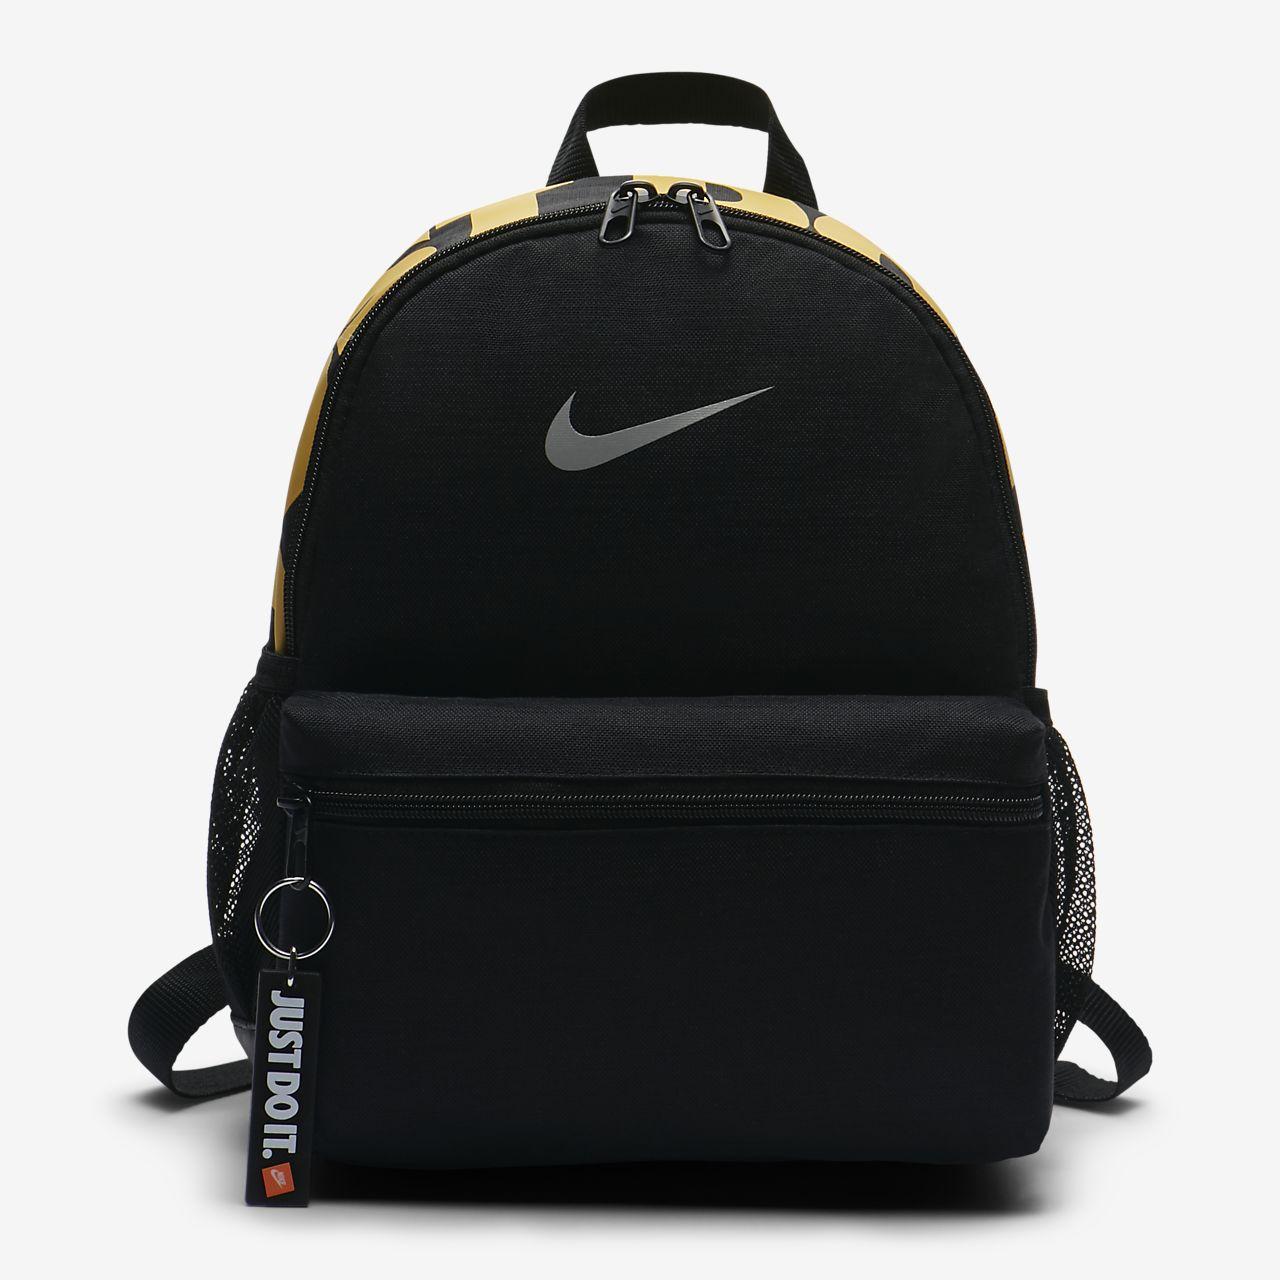 bene fuori x elegante e grazioso più amato Zaino mini Nike Brasilia Just Do It - Bambini. Nike CH